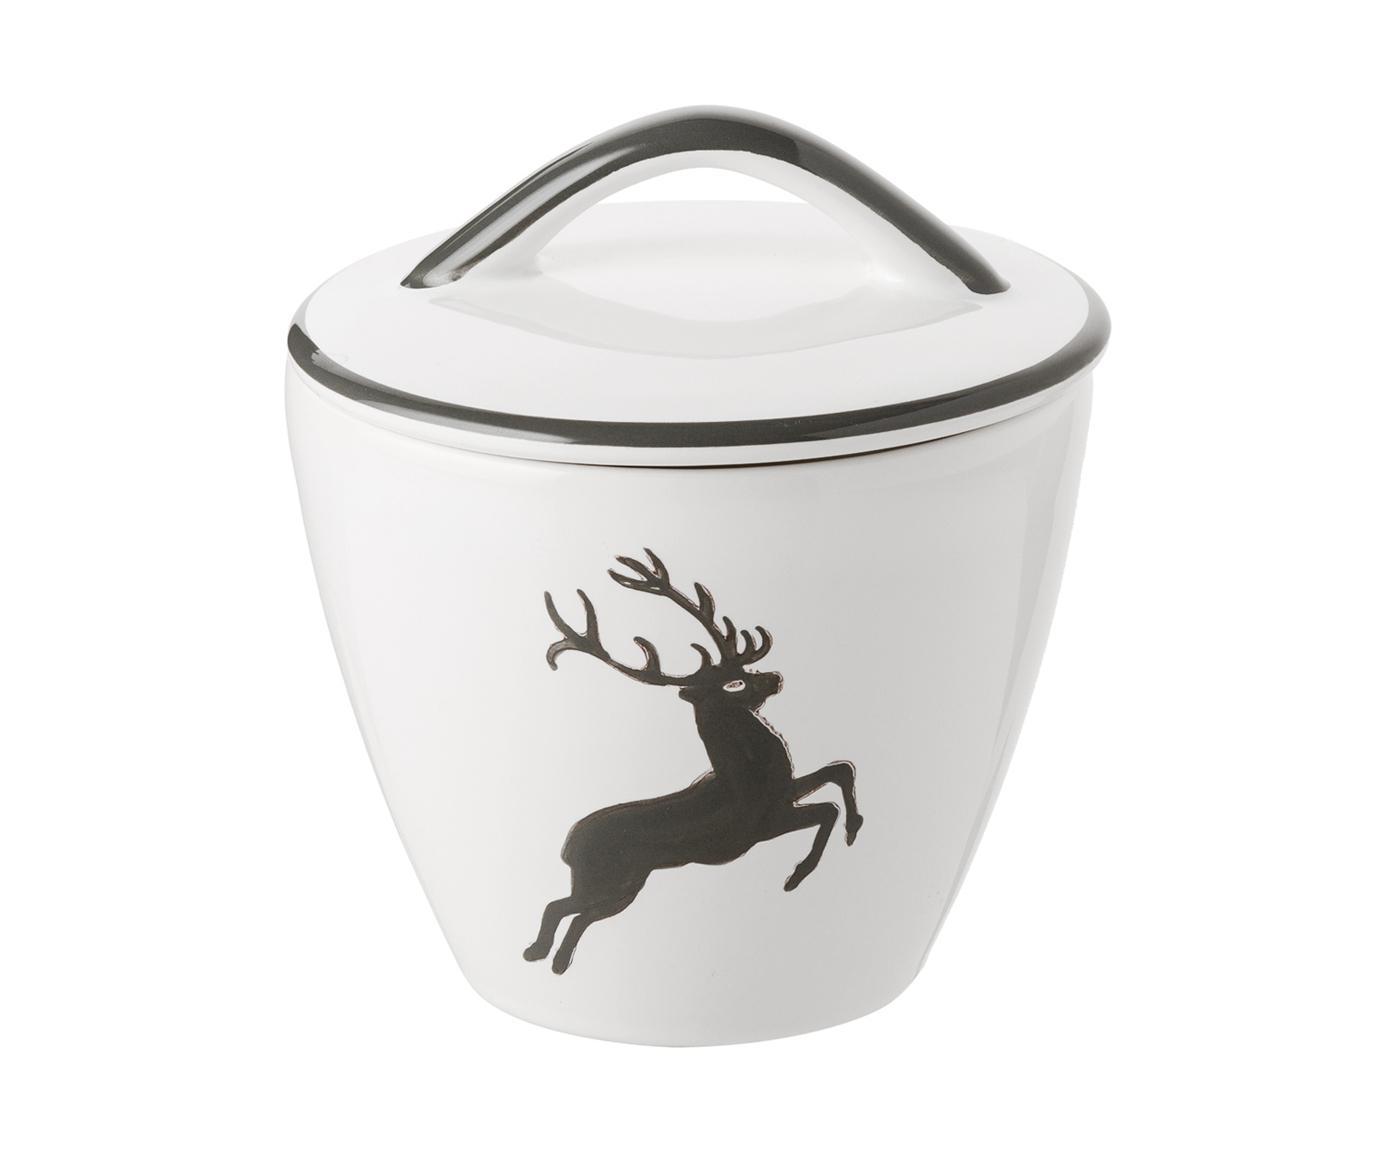 Handbemalte Zuckerdose Gourmet Grauer Hirsch, Keramik, Grau,Weiß, Ø 9 cm